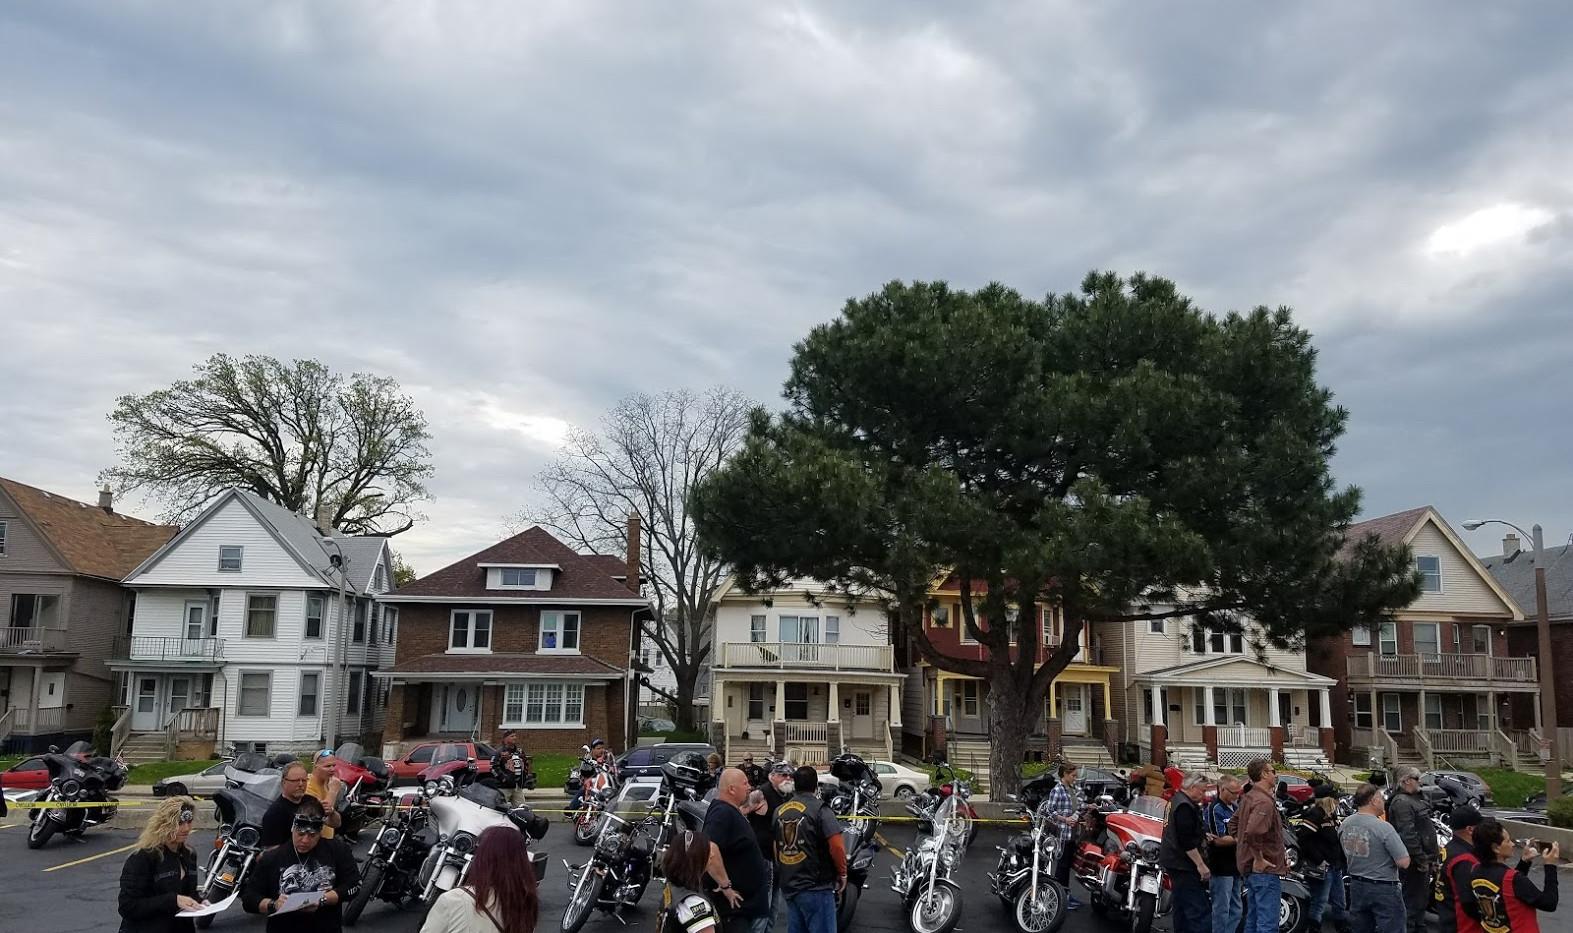 05.13.2017 Christian Riders Bike Blessin